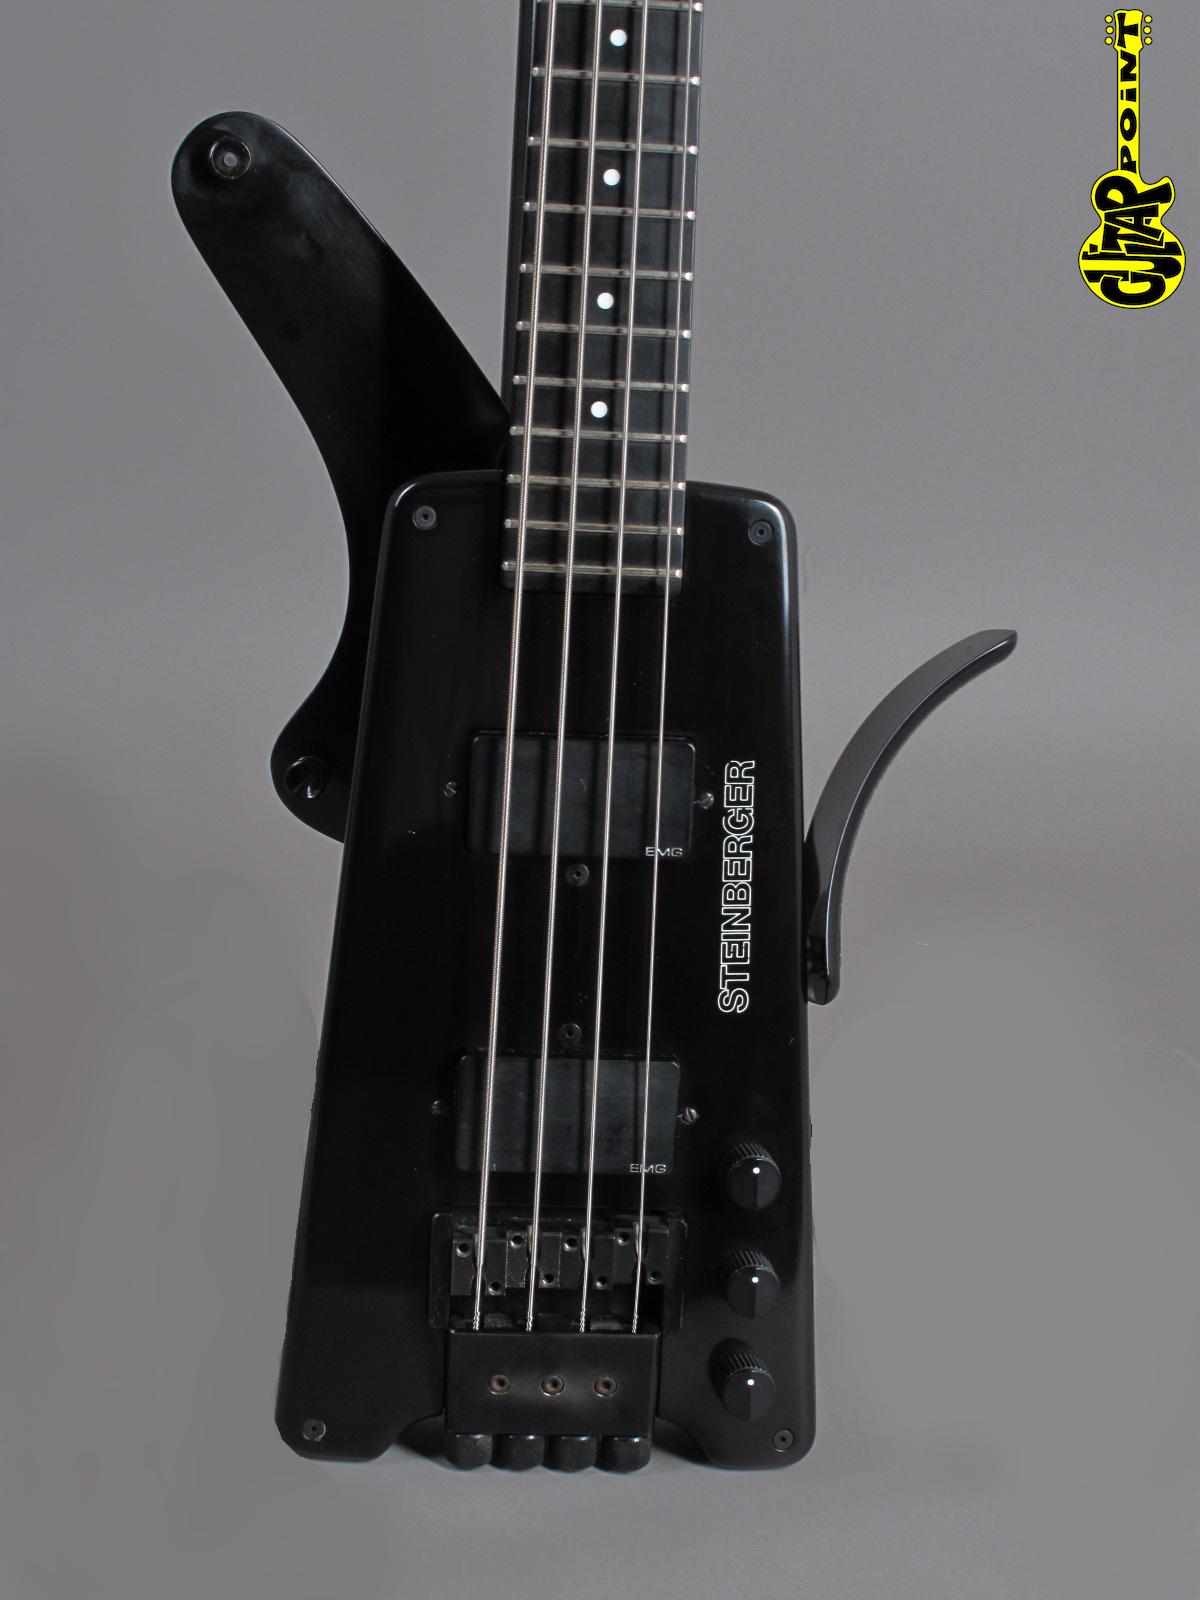 1982 Steinberger L2 Headless Bass - Black